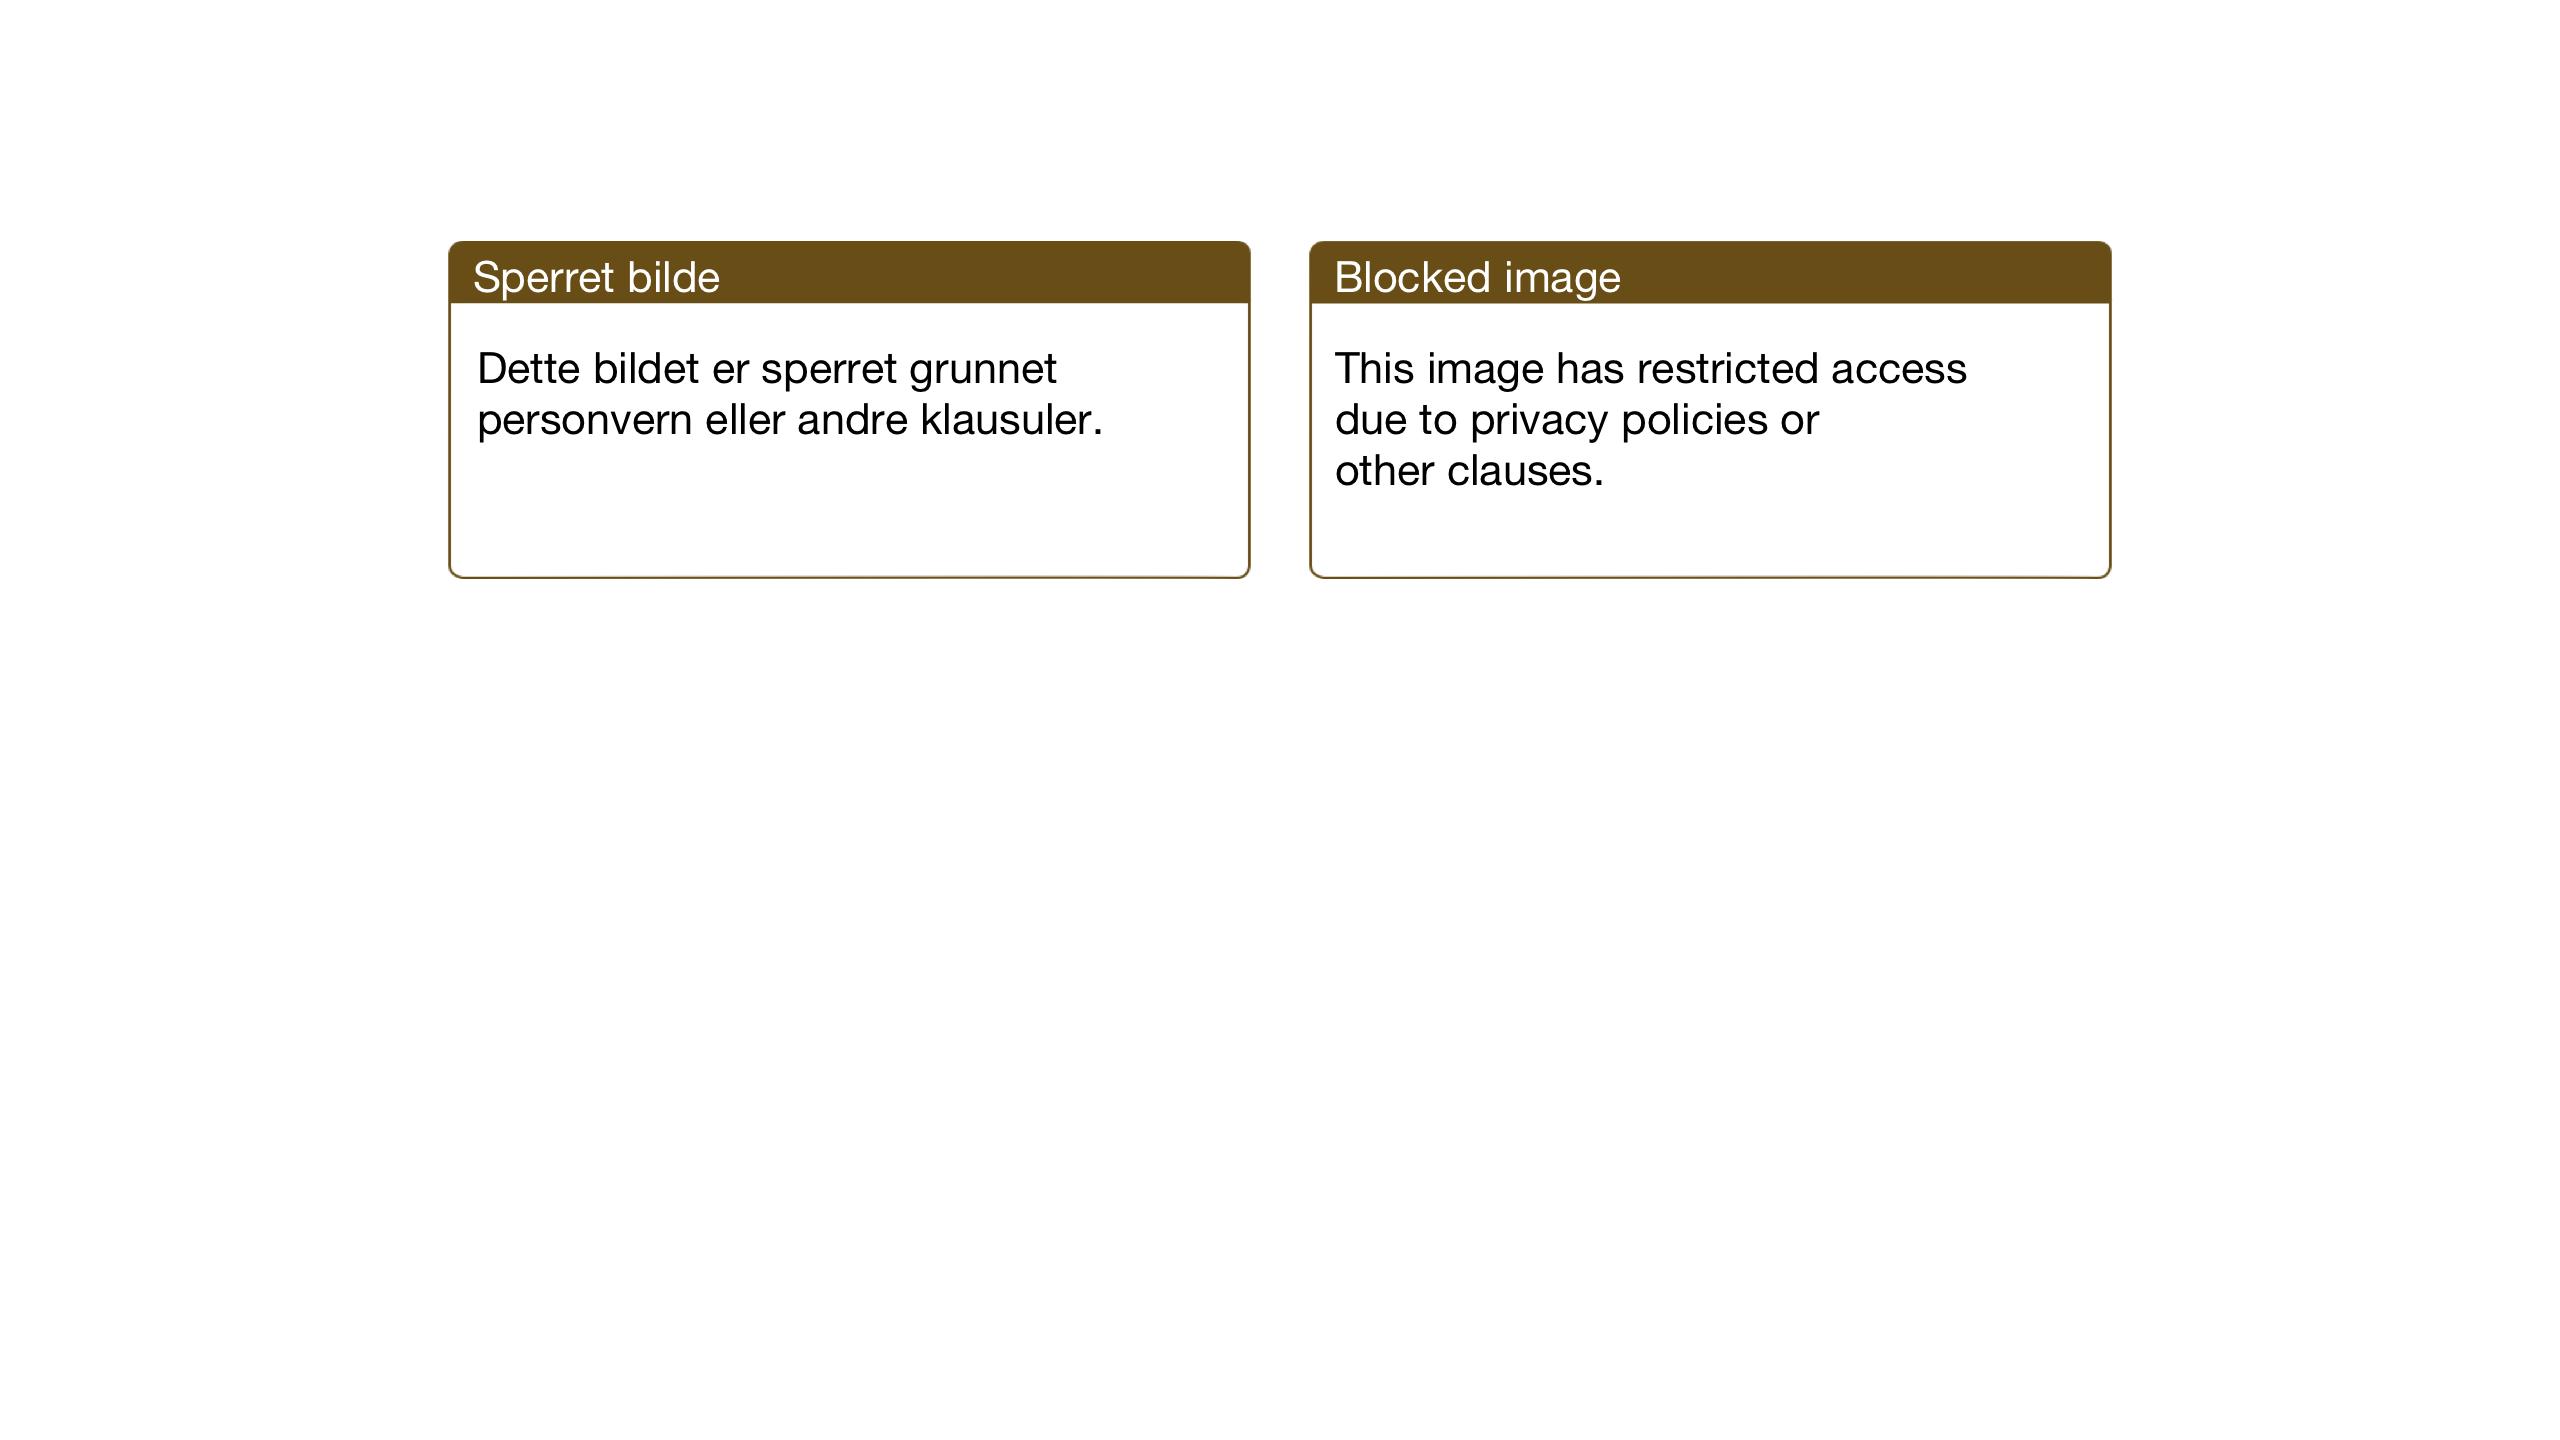 SAT, Ministerialprotokoller, klokkerbøker og fødselsregistre - Nord-Trøndelag, 774/L0631: Klokkerbok nr. 774C02, 1934-1950, s. 34